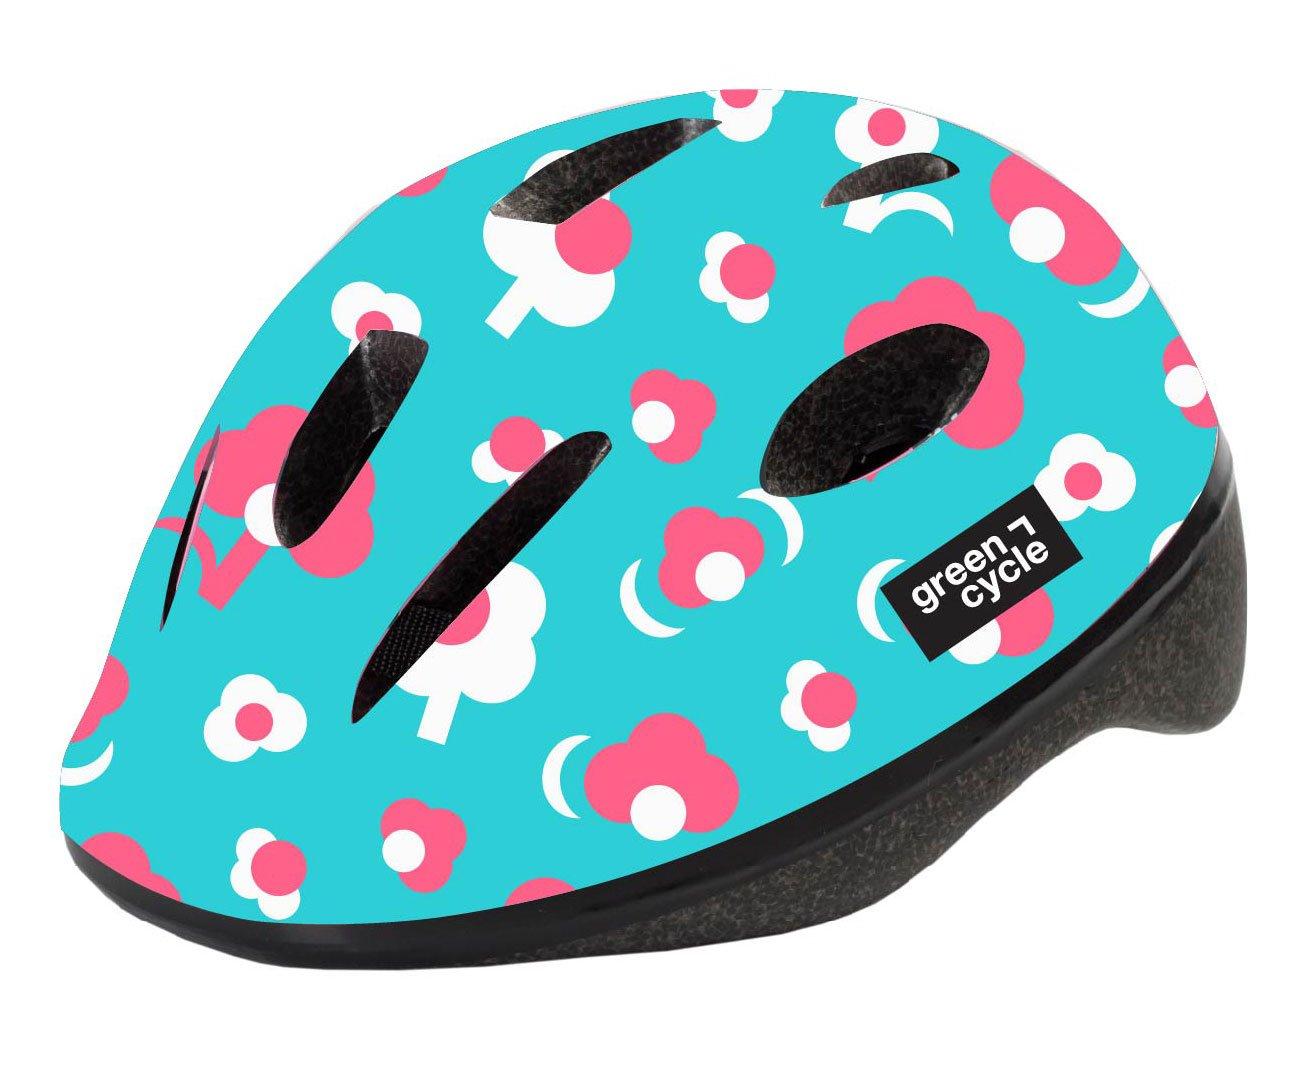 Шлем велосипедный детский Green Cycle MIA, бирюзовый (Размер: 50-54см)